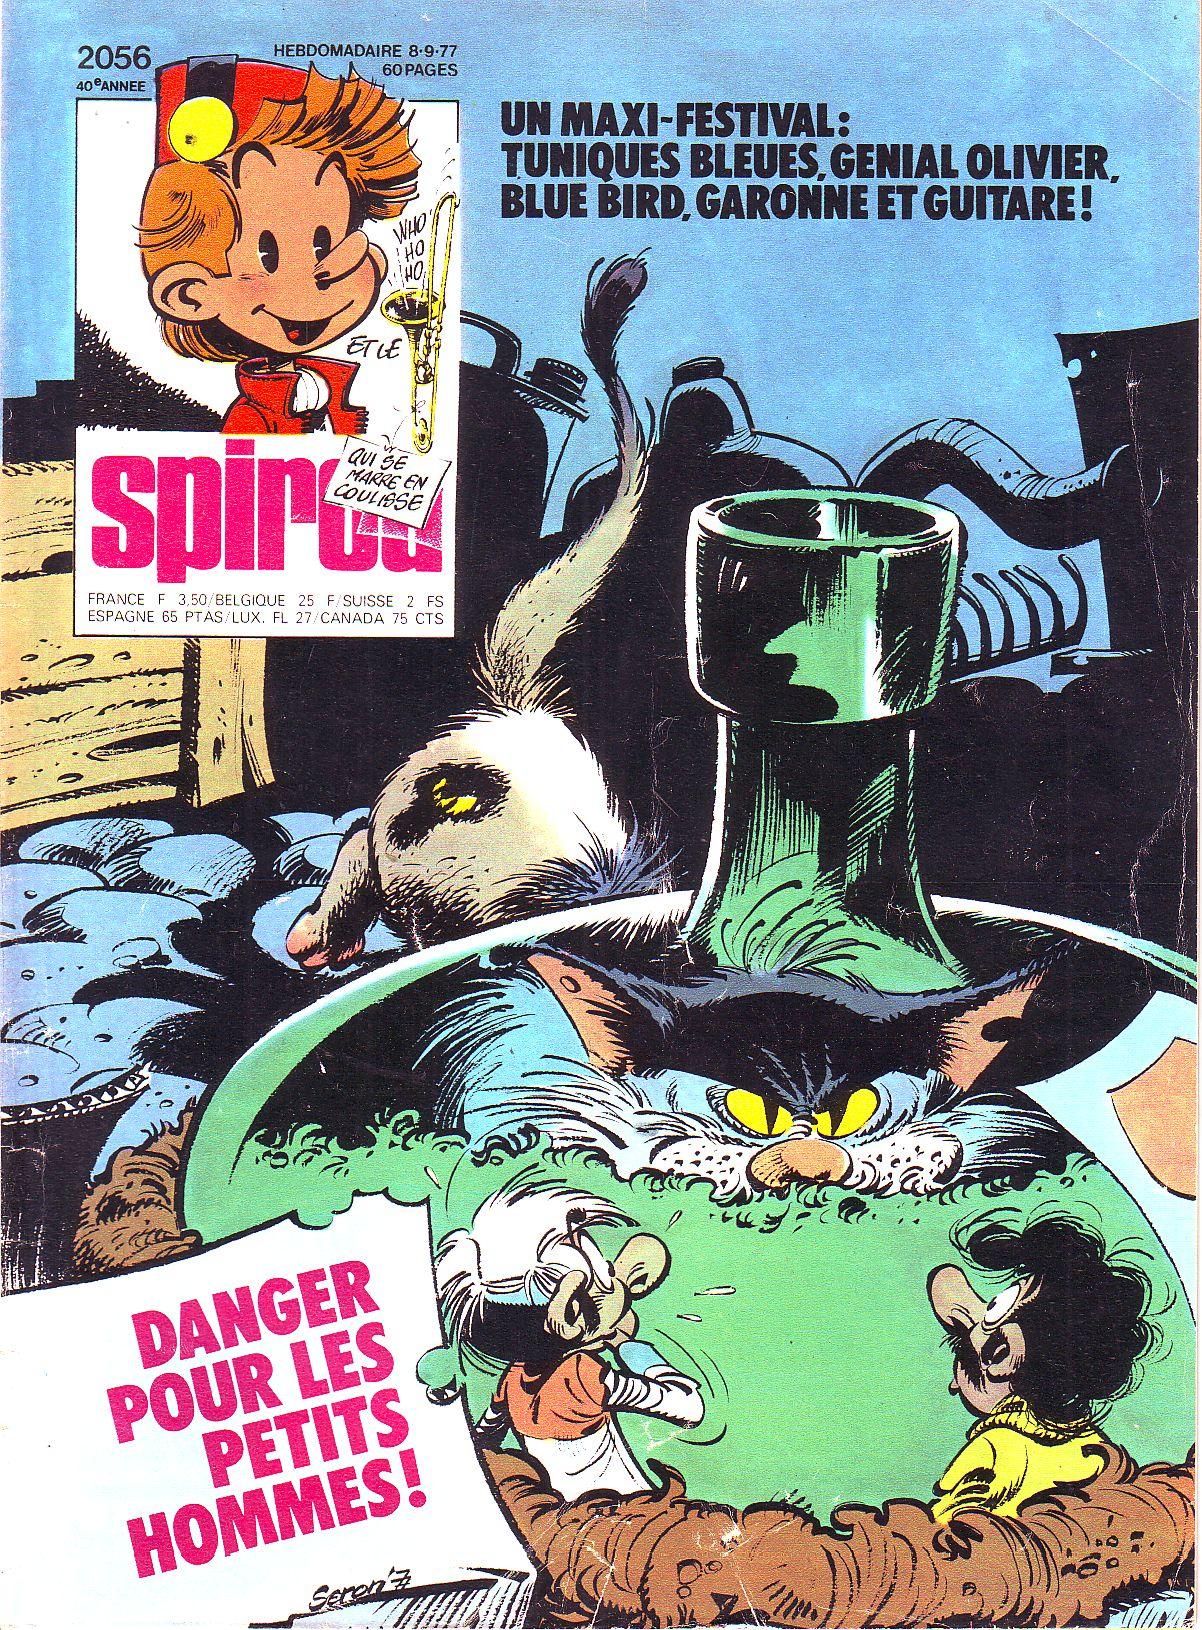 Le journal de Spirou 2056